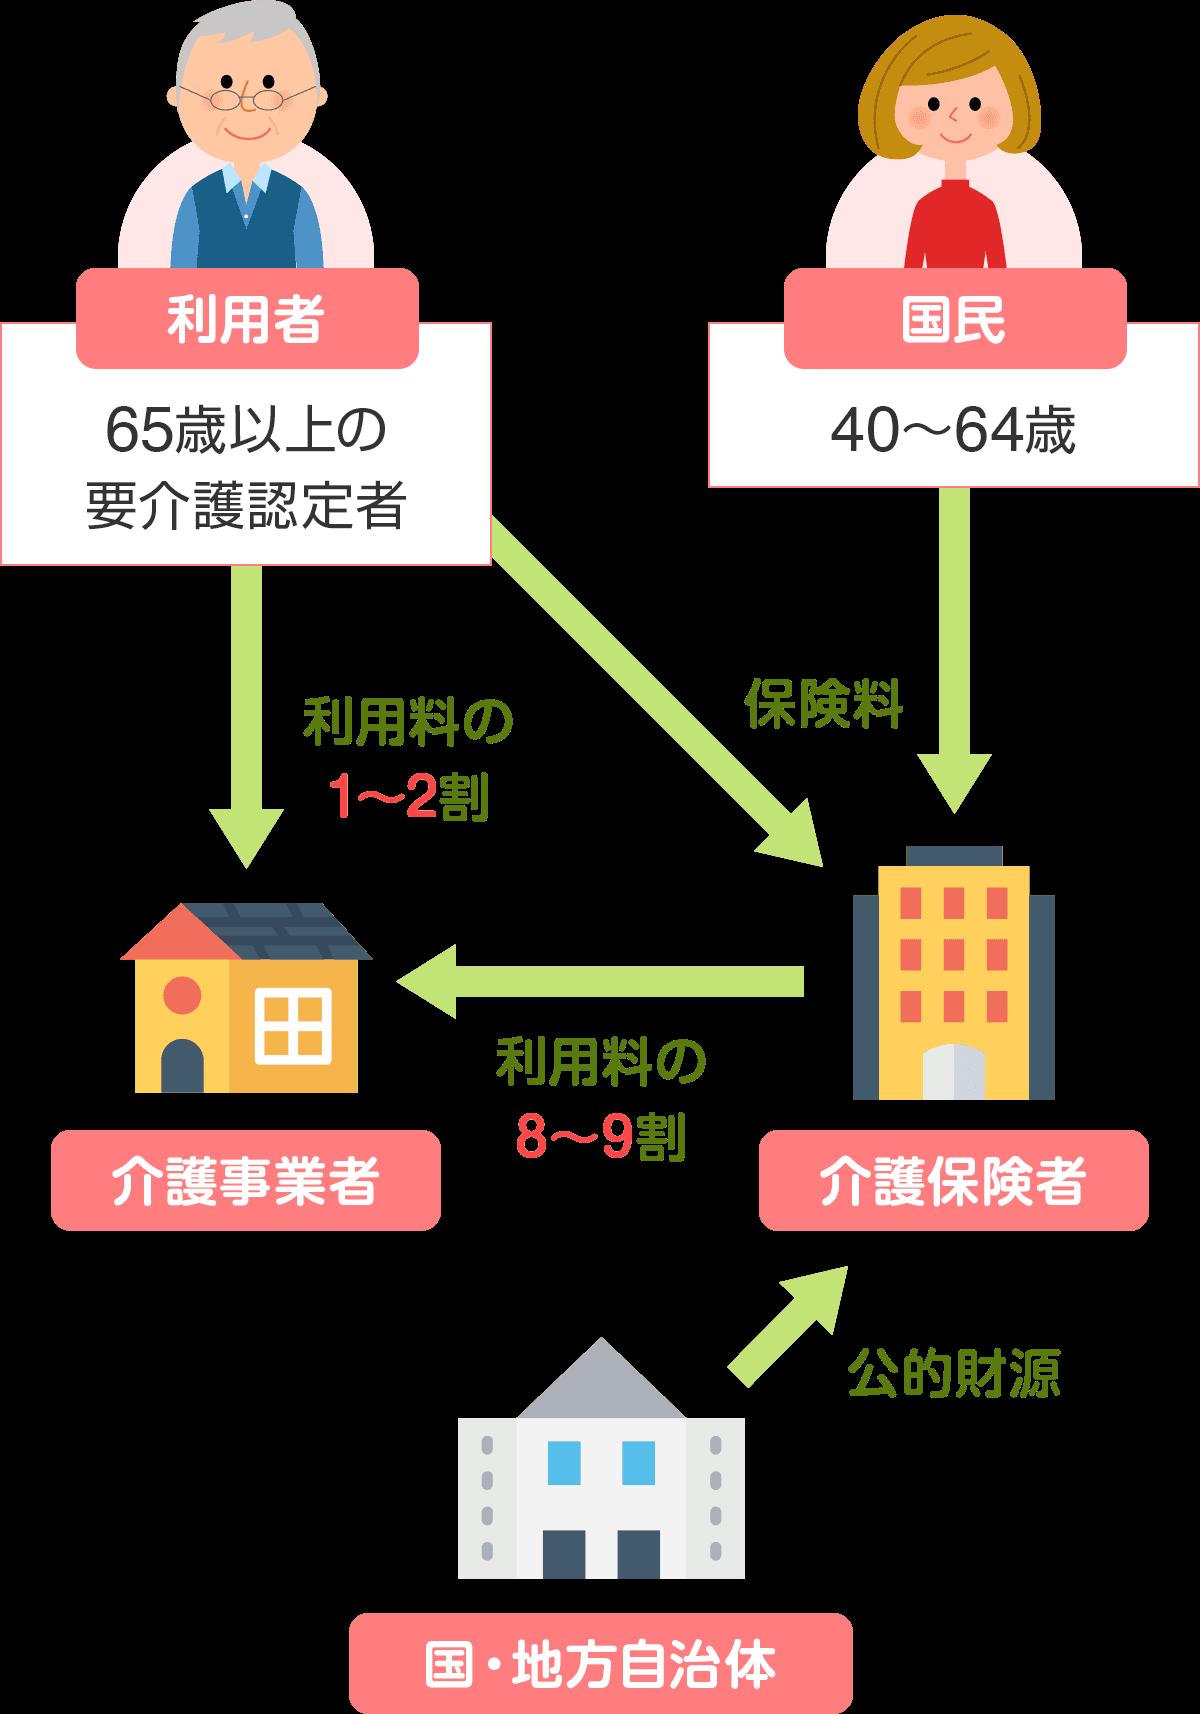 生活保険制度の仕組み